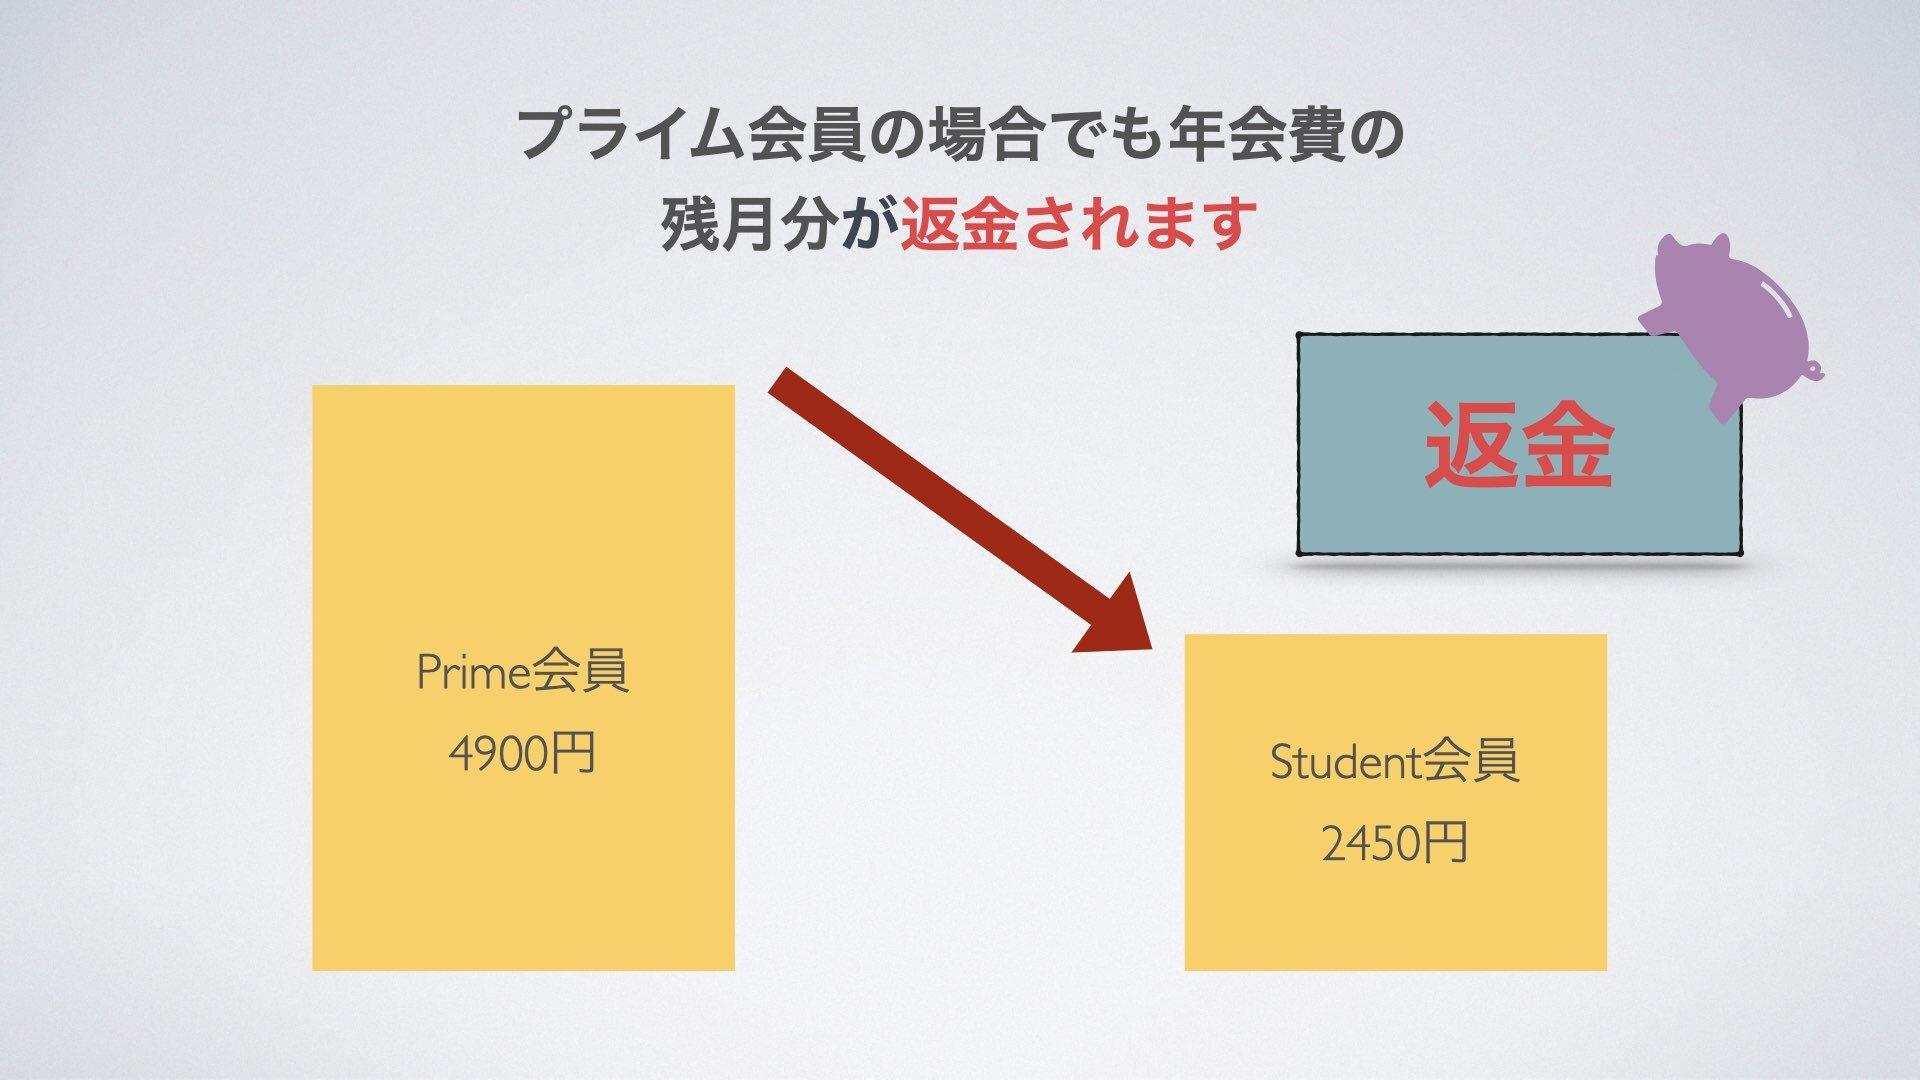 アマゾンプライムからAmazonStudentに移行すると差額分返金されます